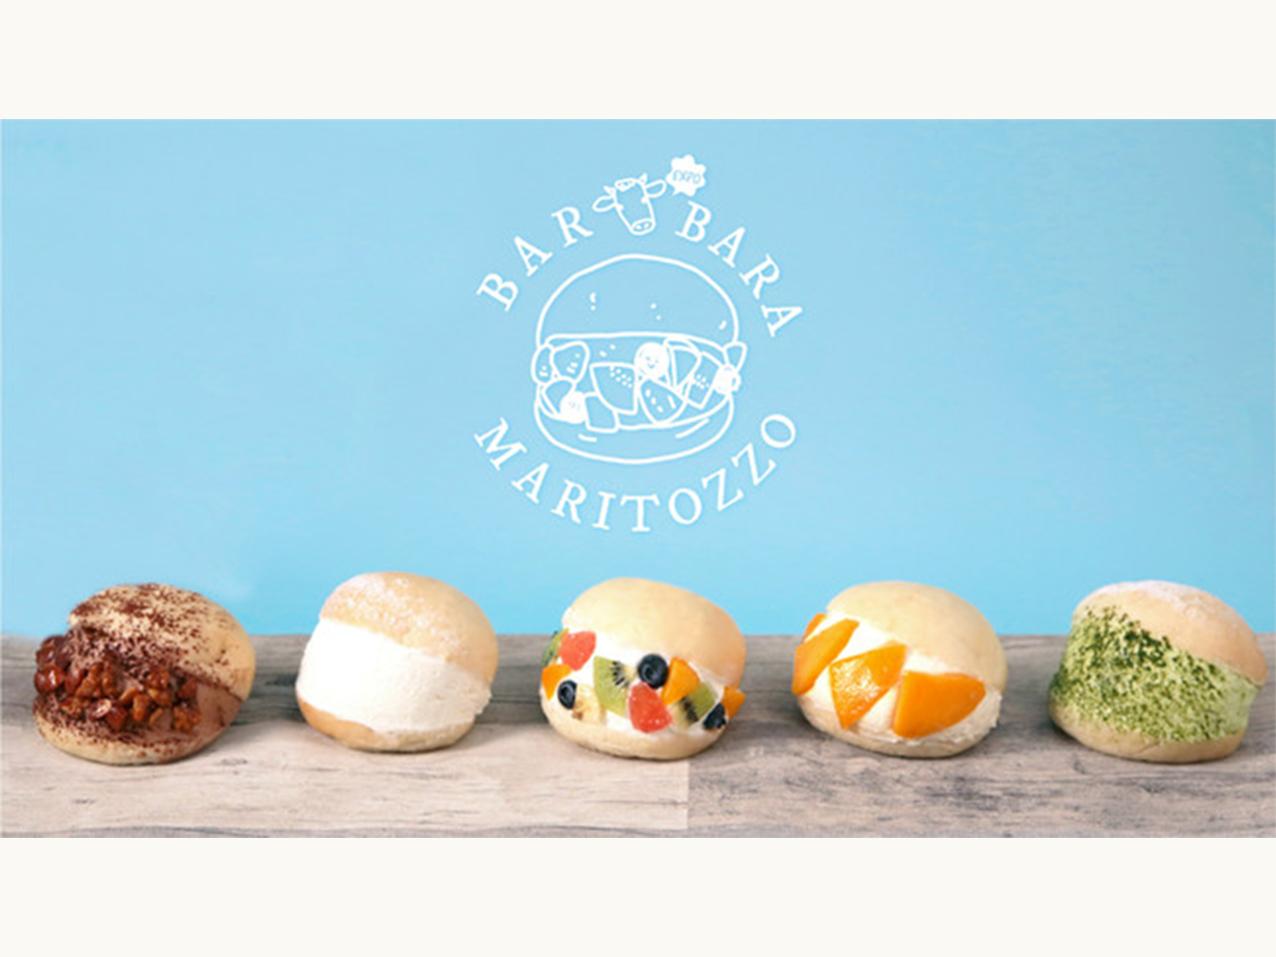 大人気のマリトッツォが新価格☆さらに美味しく・お求めやすく